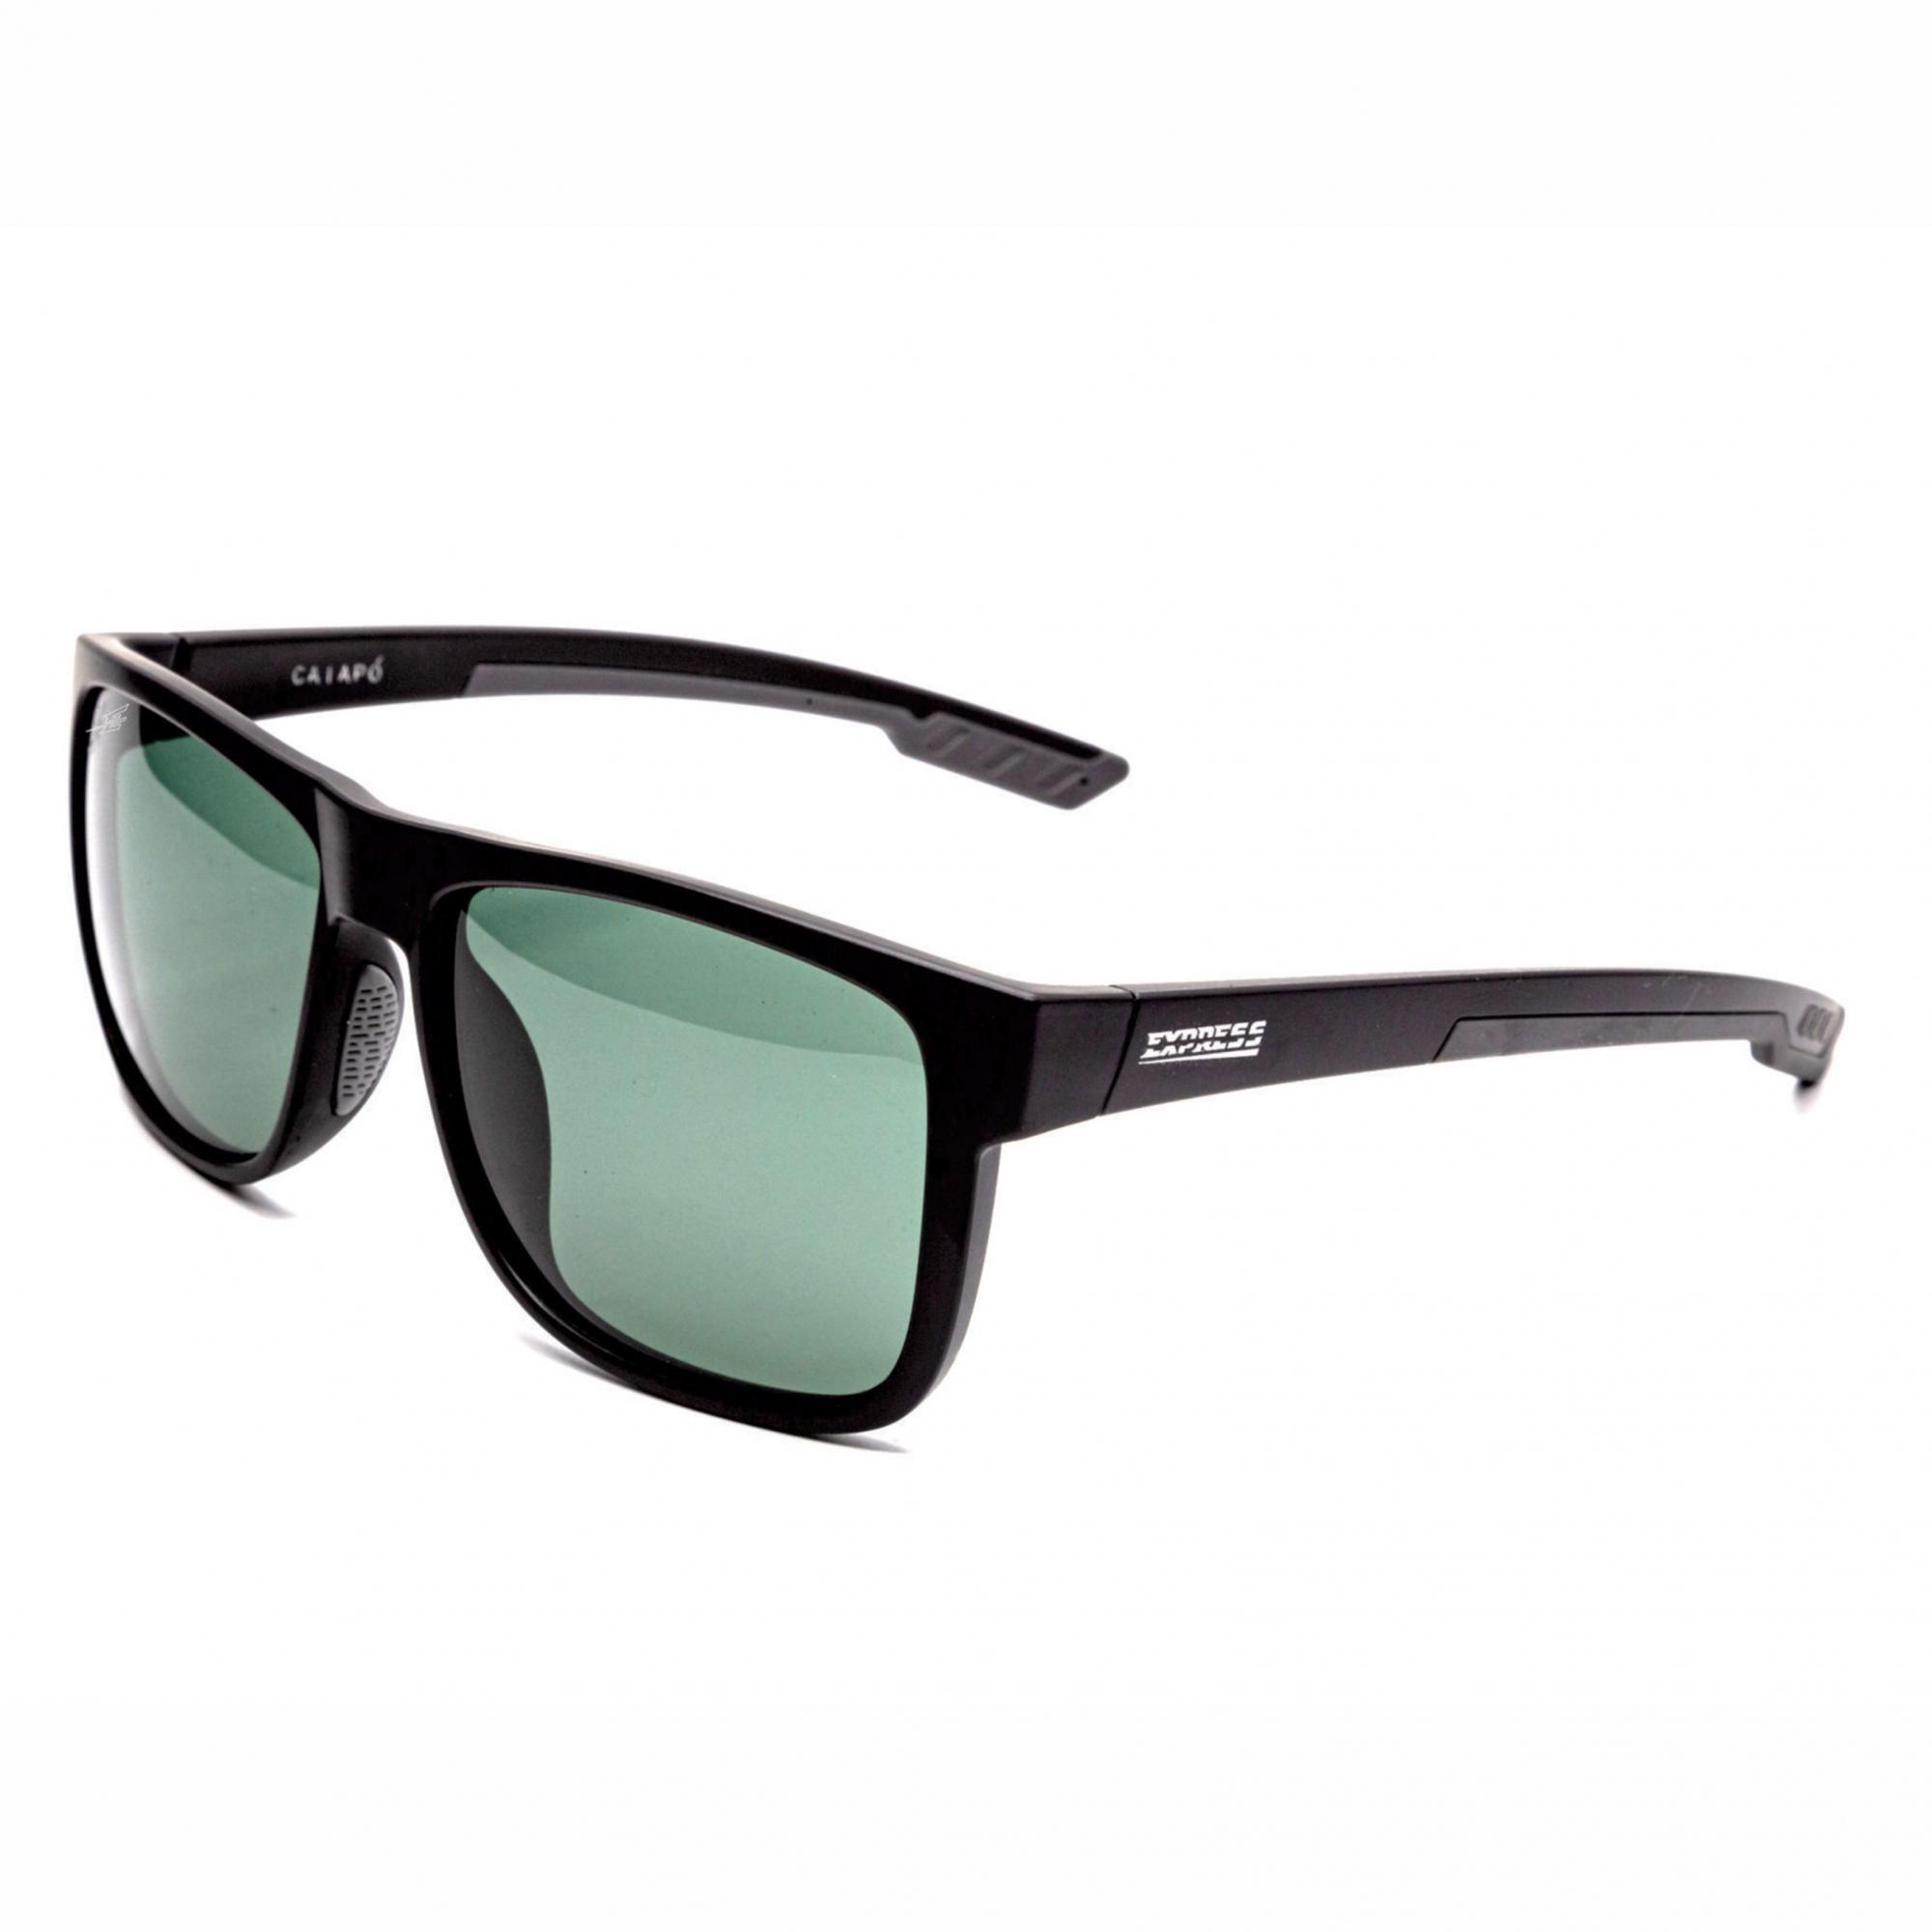 Óculos de Sol Polarizado Express Caiapó Preto Fosco